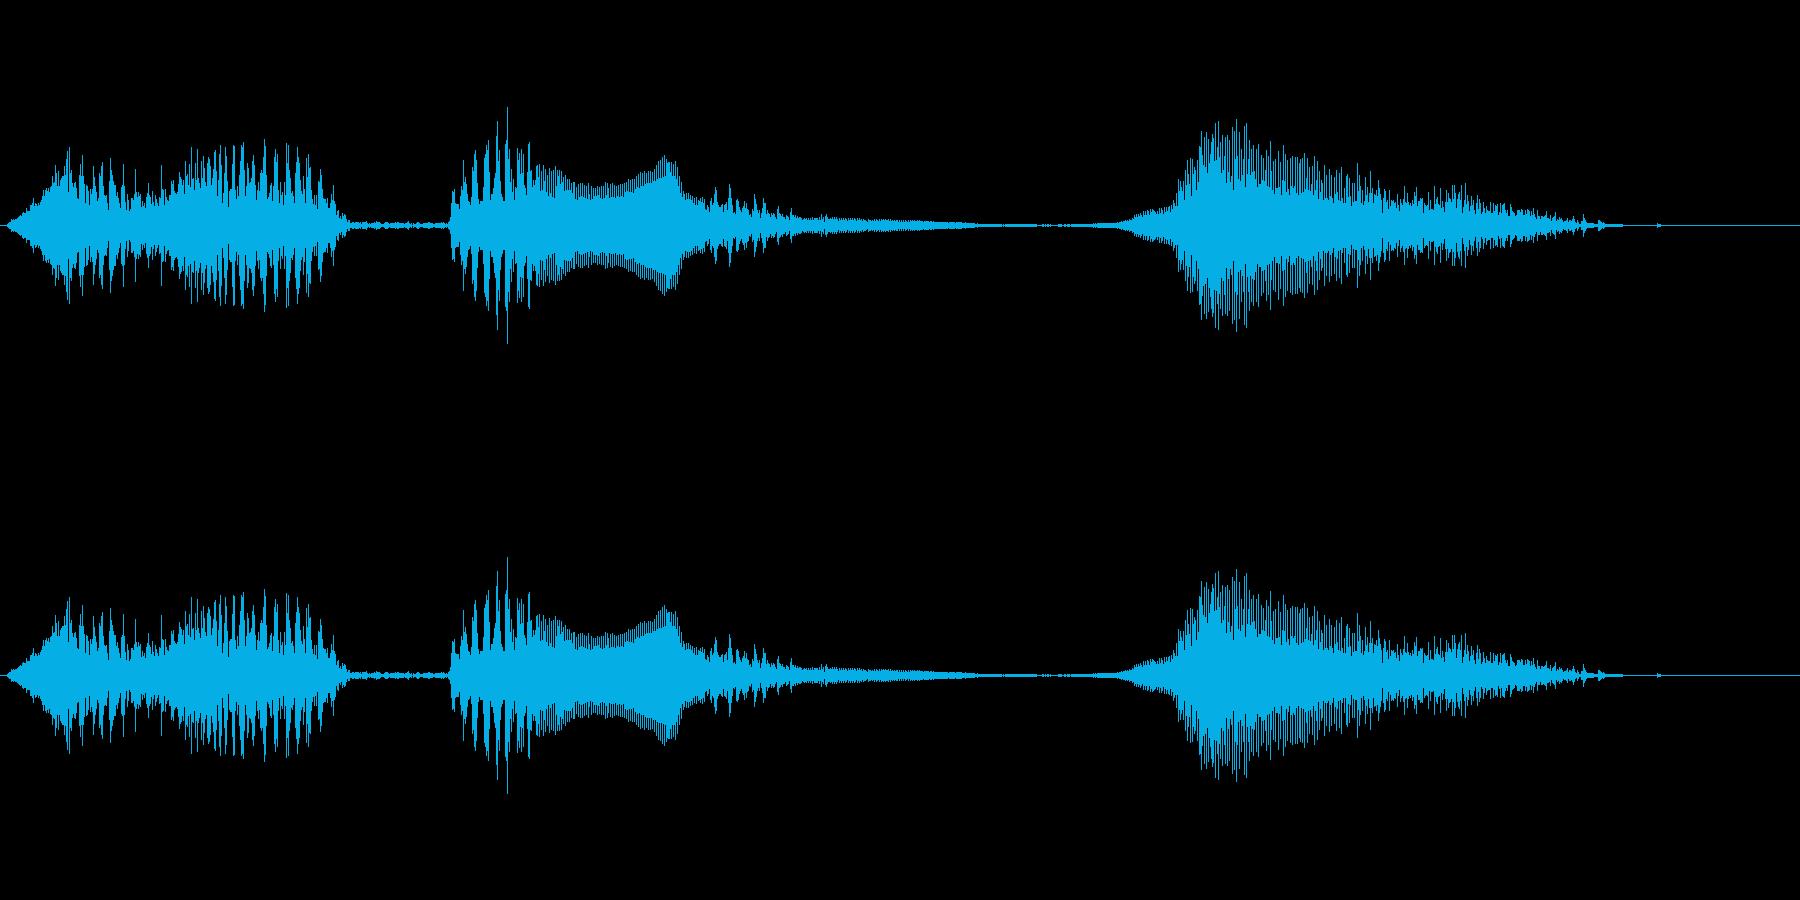 斬られた人のうめき声の再生済みの波形